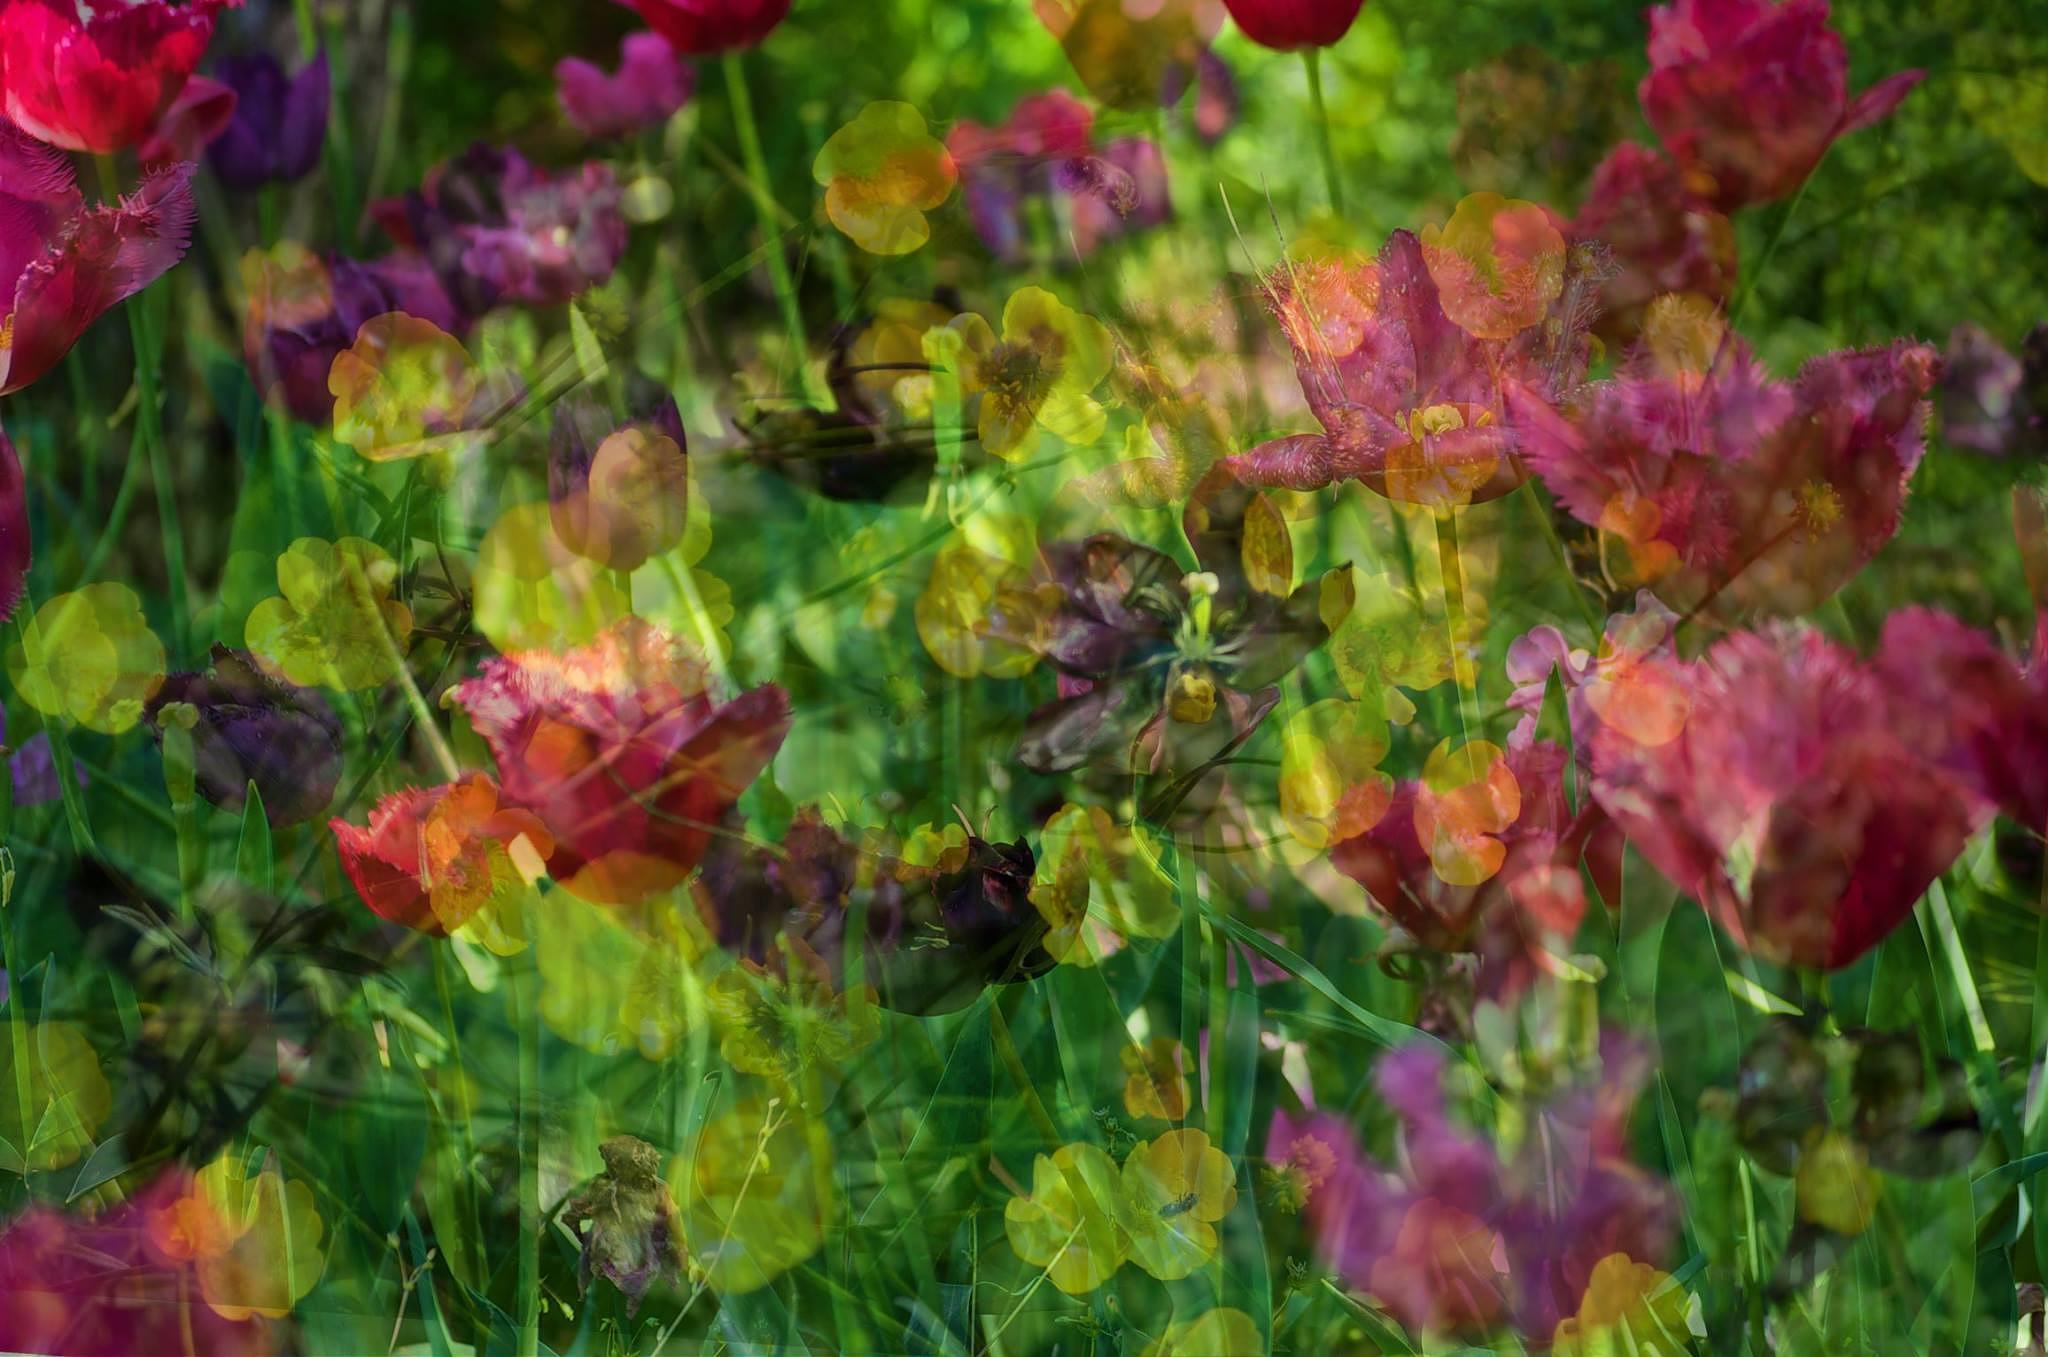 Superimposed by Lydie Burgunder